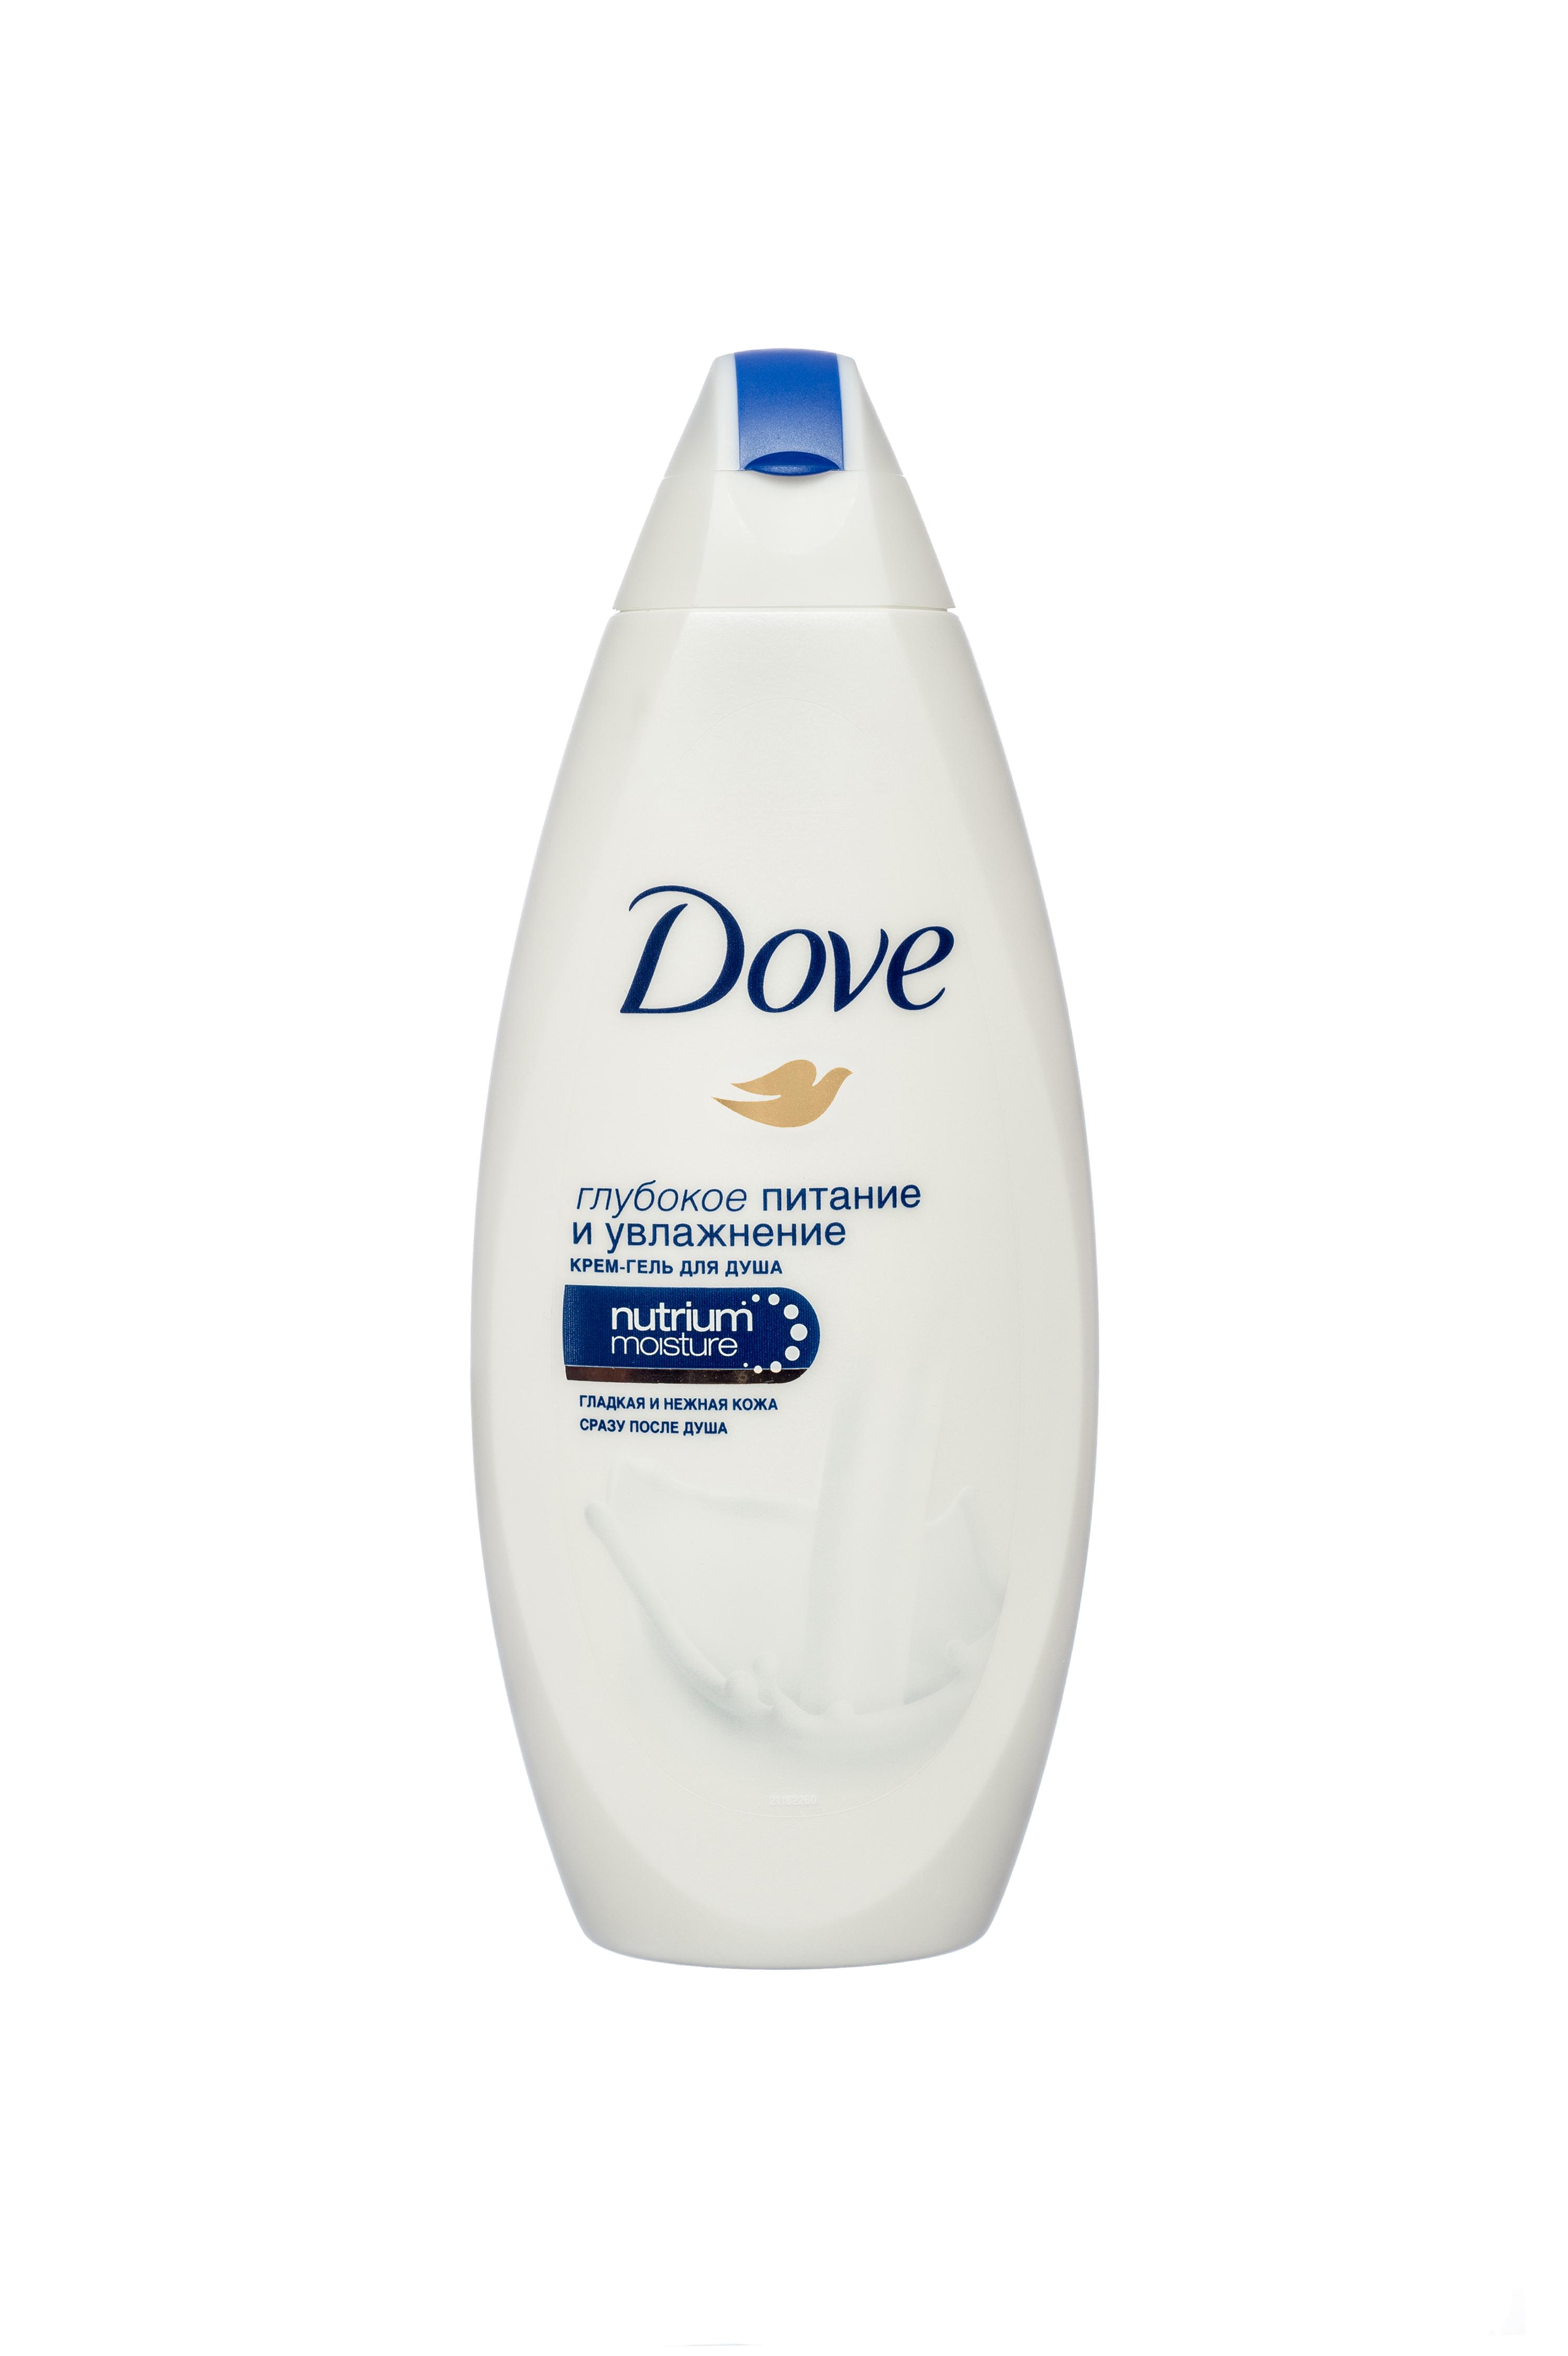 Dove Гель для душа Глубокое Питание и Увлажнение 250 млFS-00897Делает Вашу кожу гладкой и нежной сразу после душа.Благодаря нашим самым бережным очищающим компонентам и комплексу NutriumMoistur - уникальному сочетанию ухаживающих компонентов, которые обеспечивают больше естественного питания для Вашей кожи, чем большинство гелей для душа.